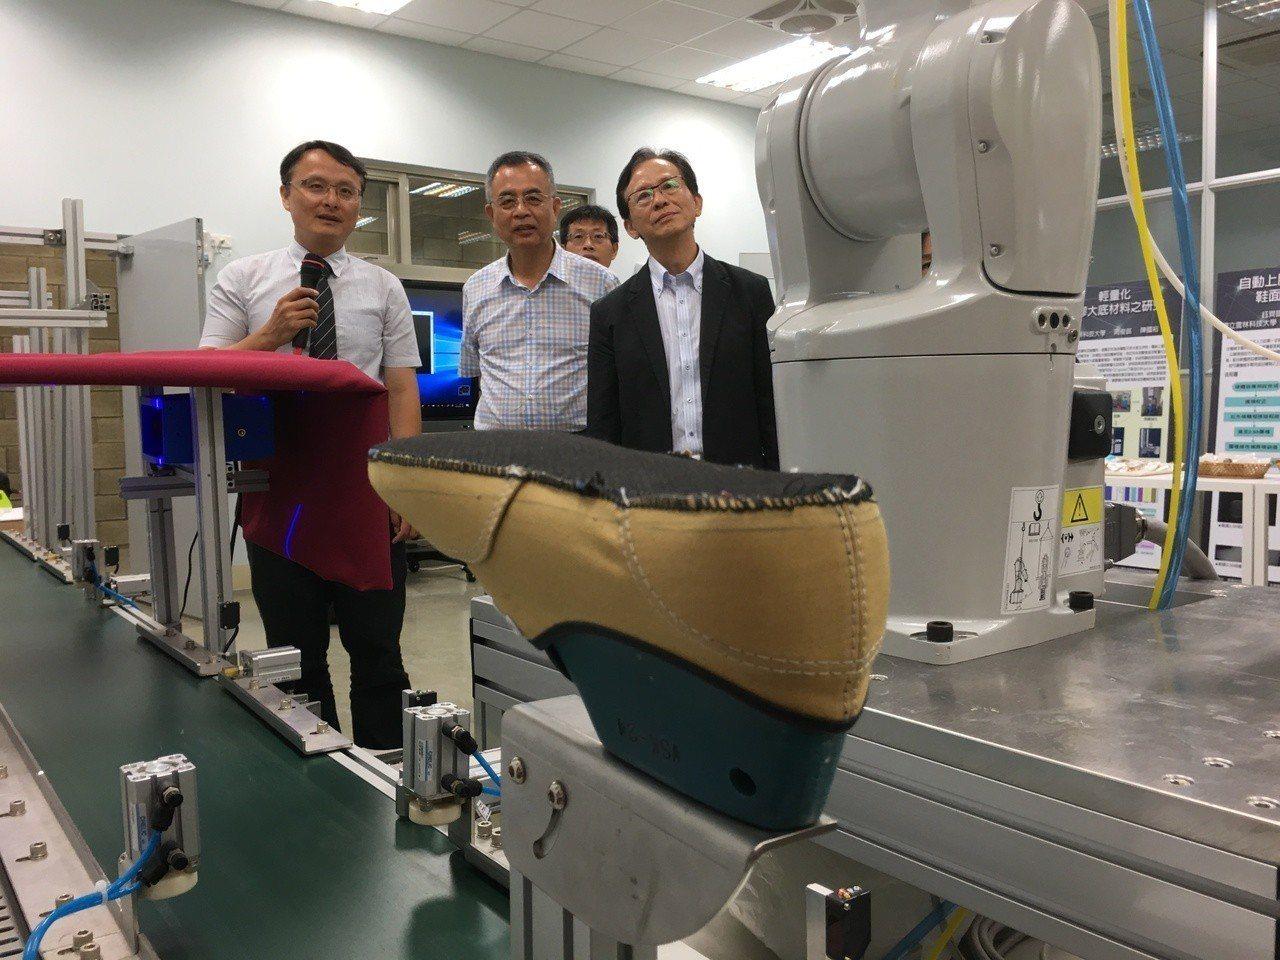 為培育製鞋高階研發人才,並研發製鞋軟體,鈺齊國際公司投資雲林科技大學,共同成立先...